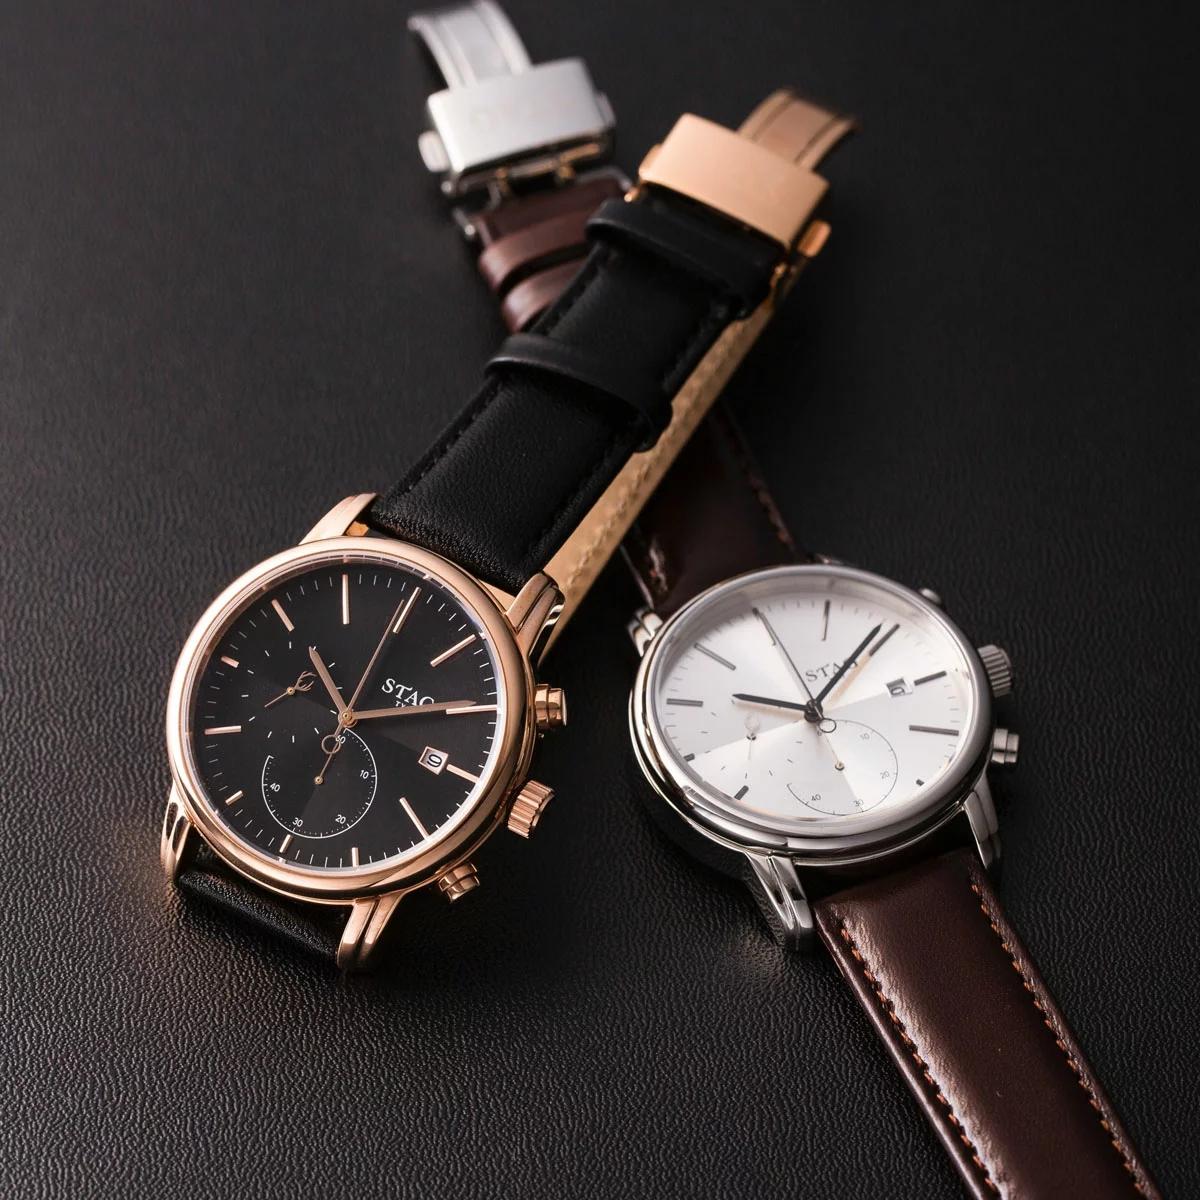 STAG STG021 【送料無料】 watch 腕時計 メンズ 牛革ベルト クロノグラフウォッチ スタッグ ティーワイオー TYO 日本製 1年保証 10気圧防水